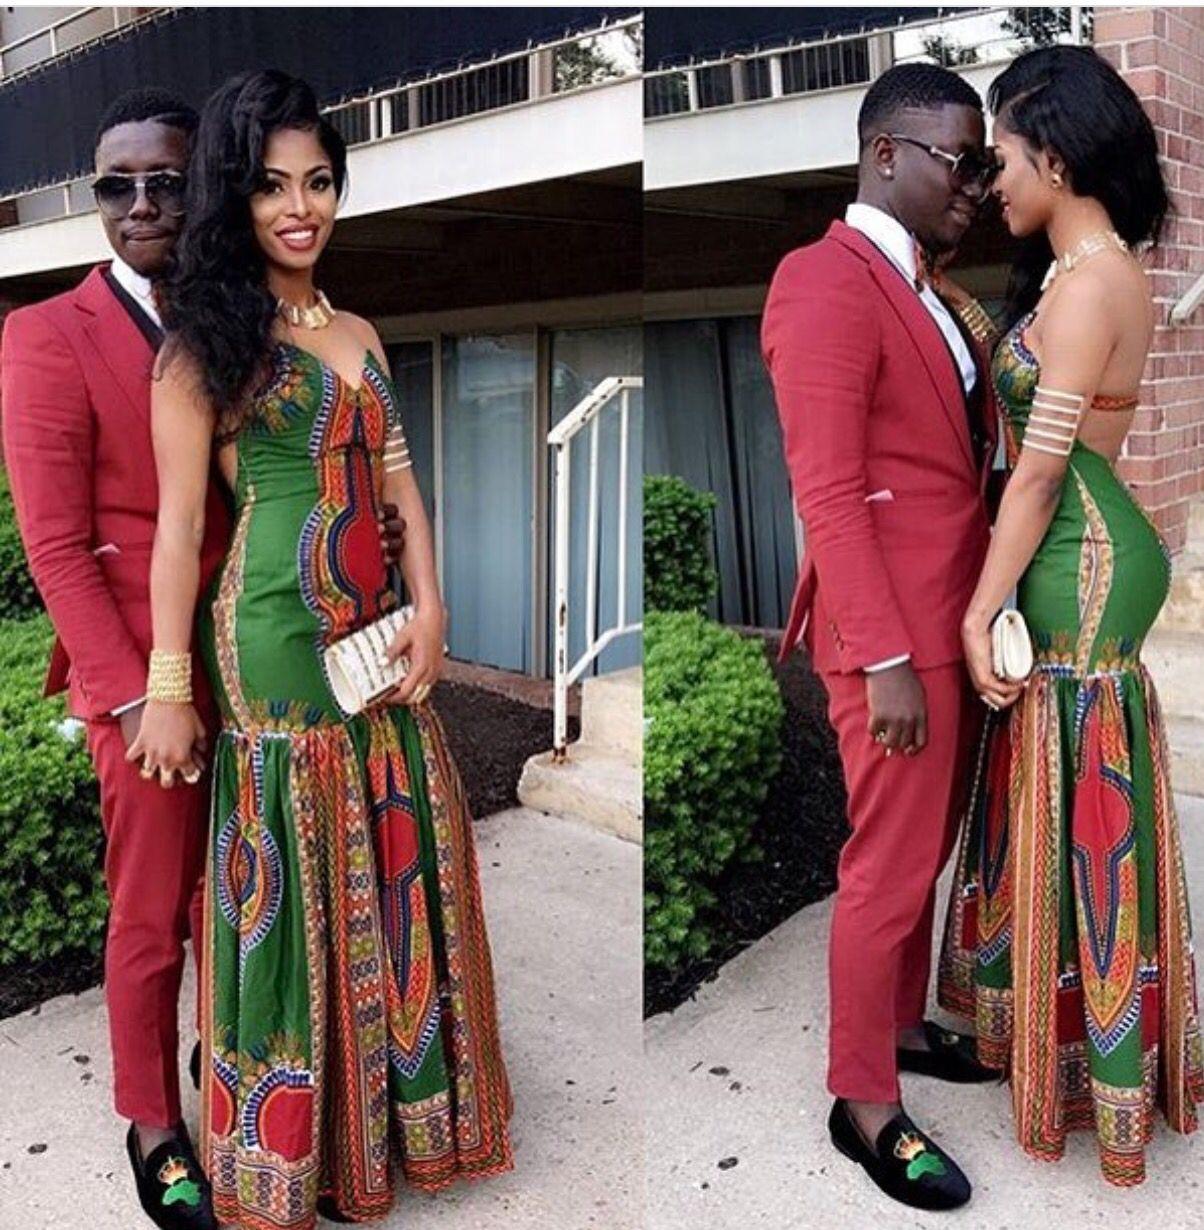 Lastest Africa Fashion Ankara Fashion Women Fashion Nigeria Wedding Nigeria Fashion